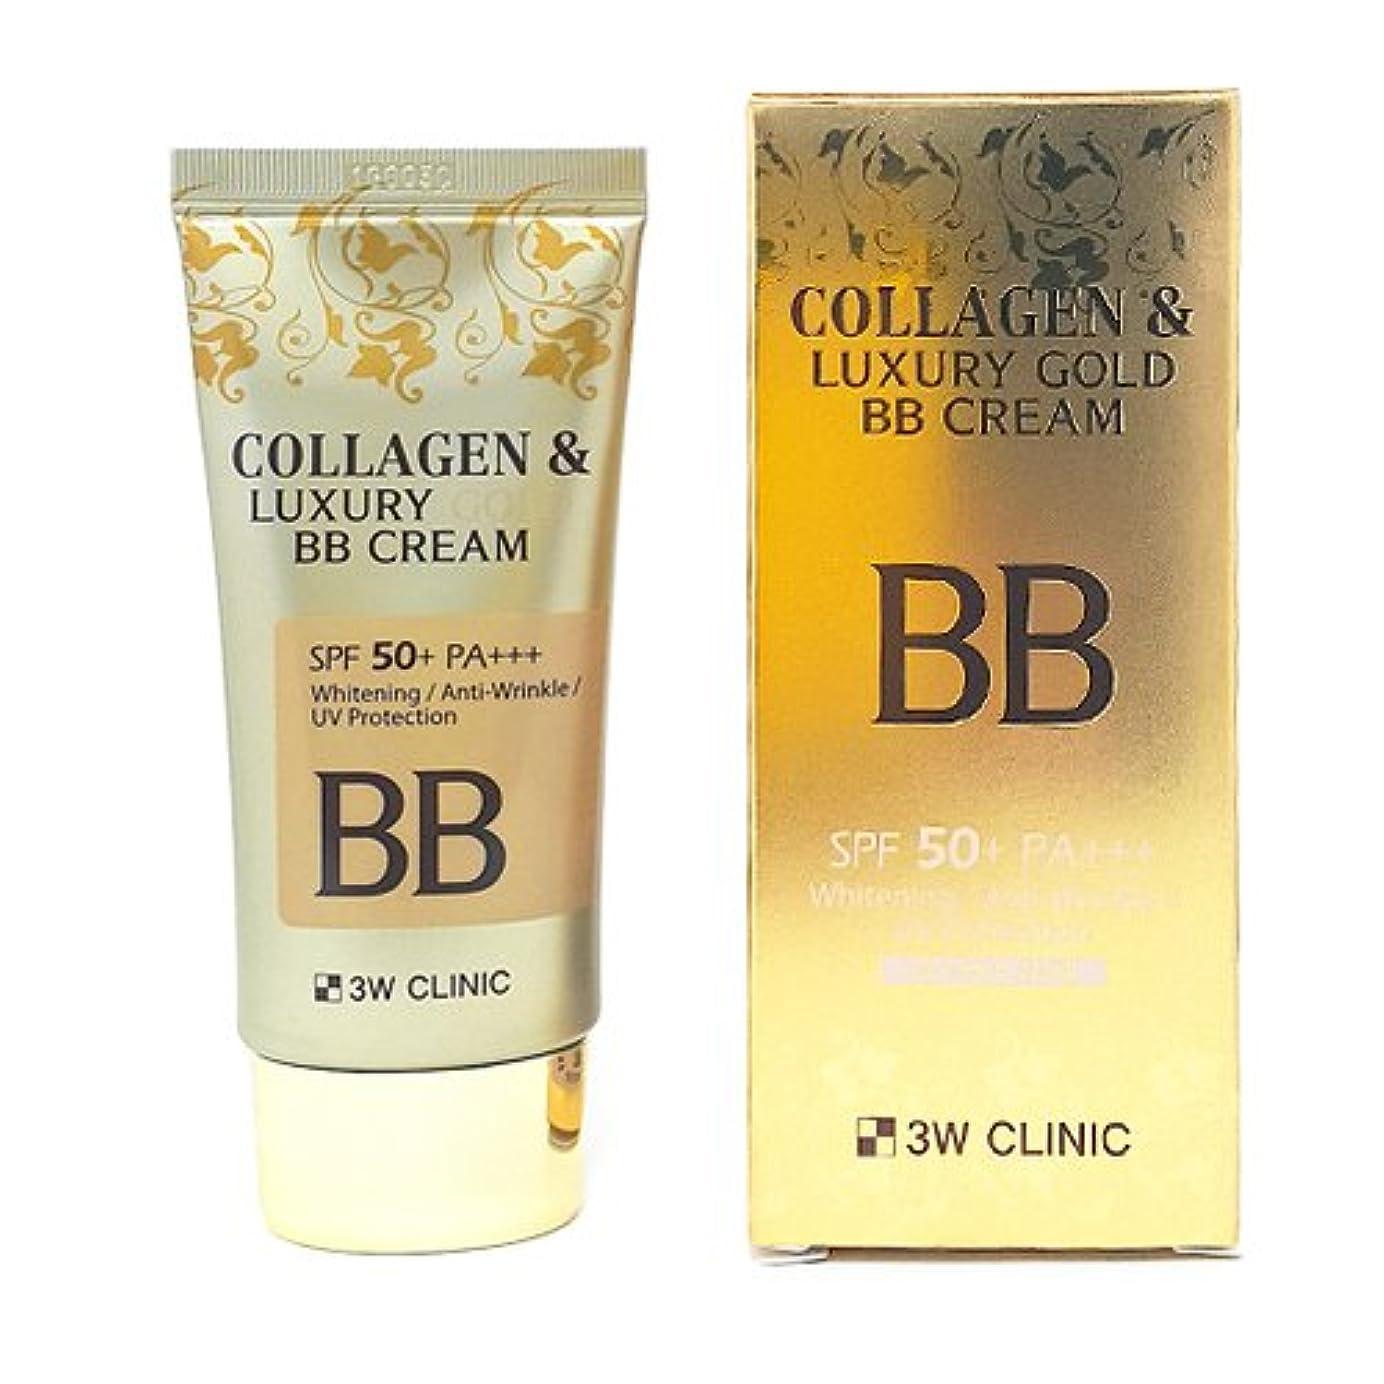 いつか不規則な月曜3Wクリニック[韓国コスメ3w Clinic]Collagen & Luxury Gold BB Cream コラーゲンラグジュアリーゴールド BBクリーム50ml 50+/PA+++[並行輸入品]